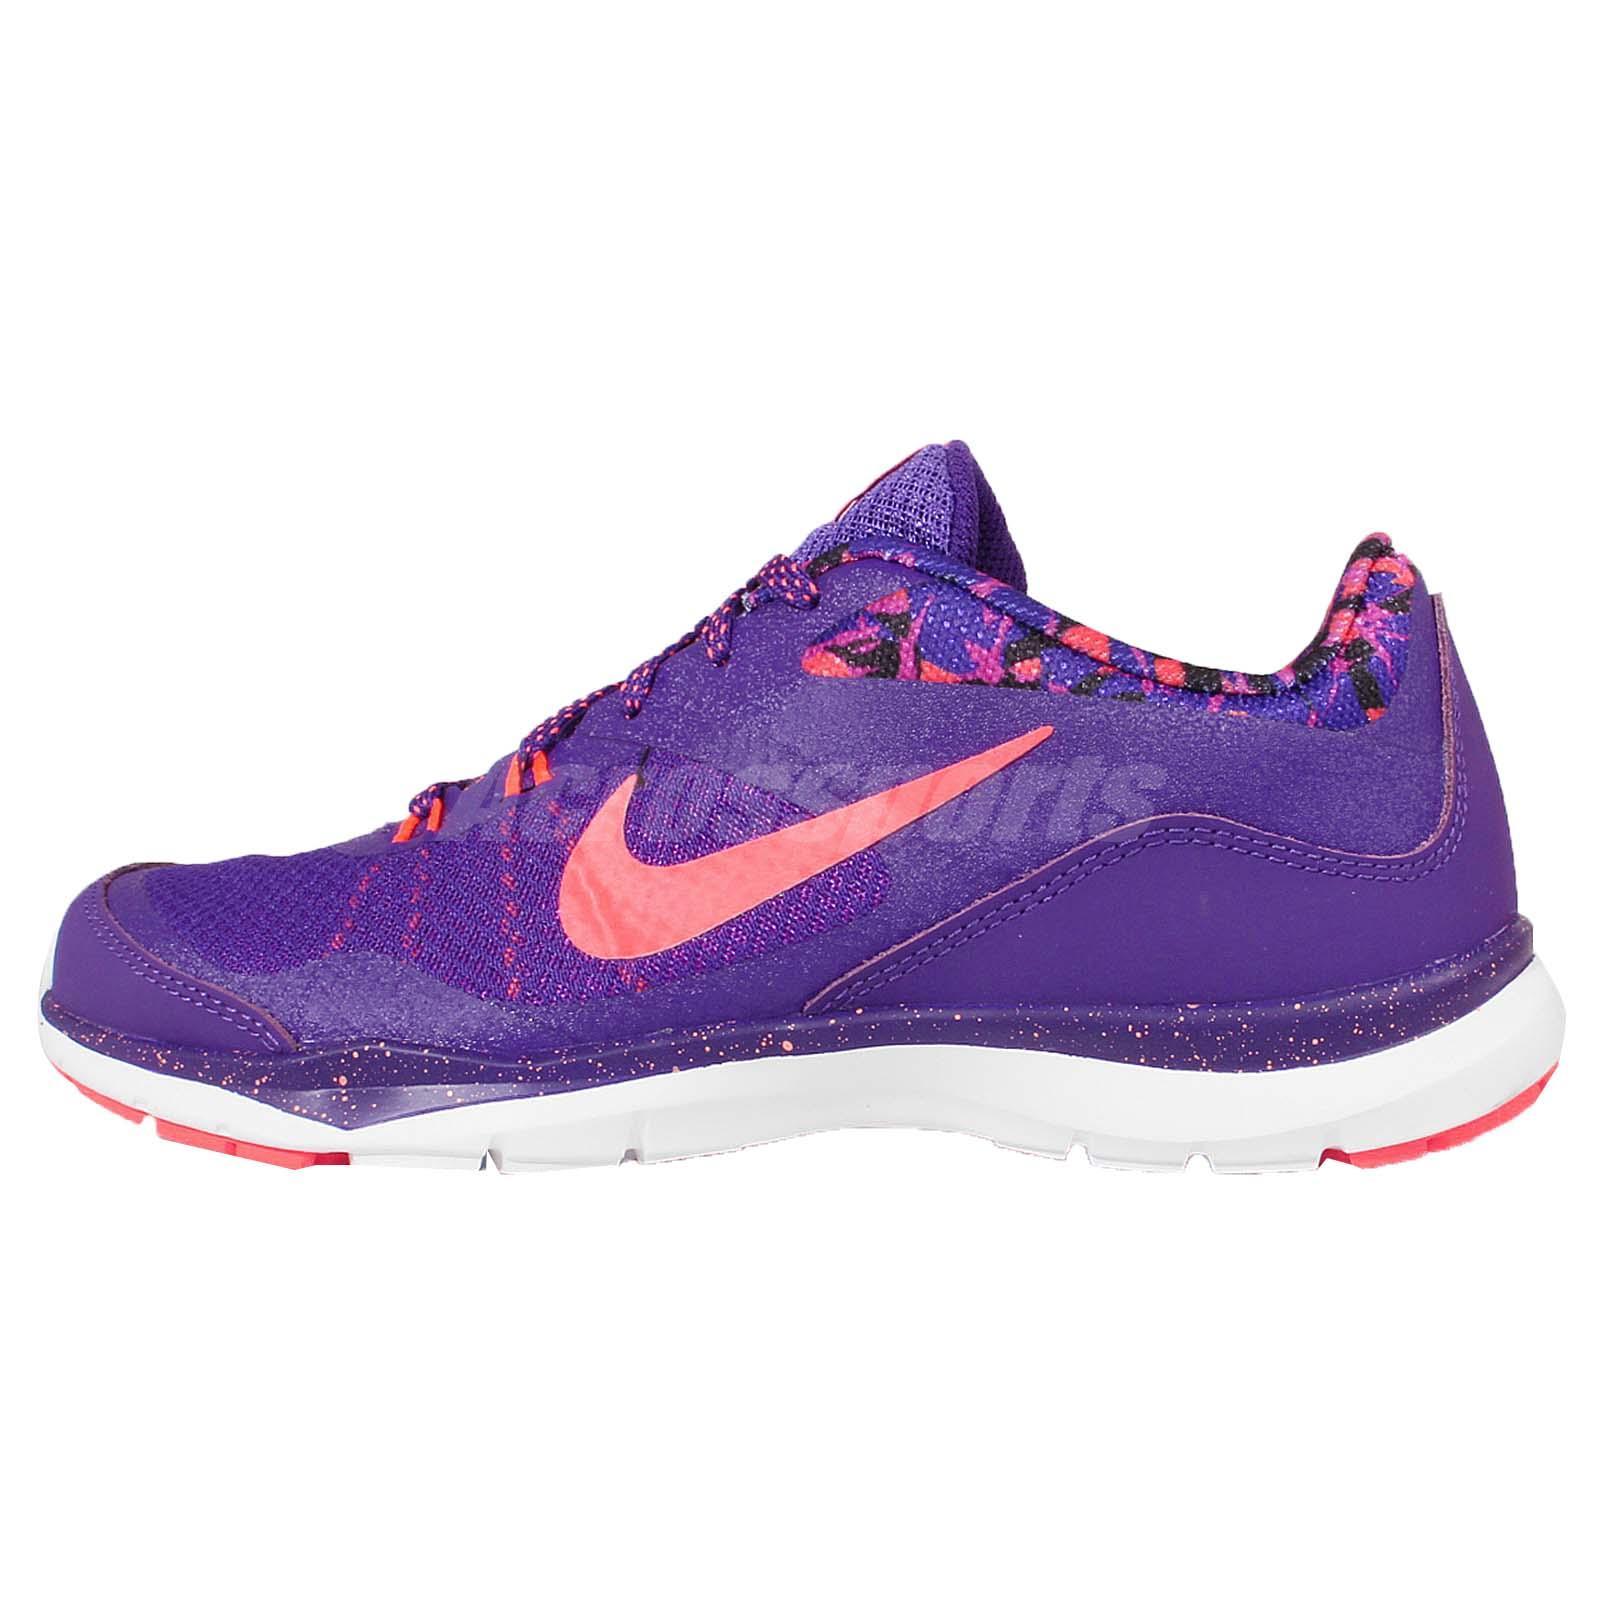 Purple Nike Flex Sole Shoes For Women - Musée des impressionnismes ... 68e9fbea9b742